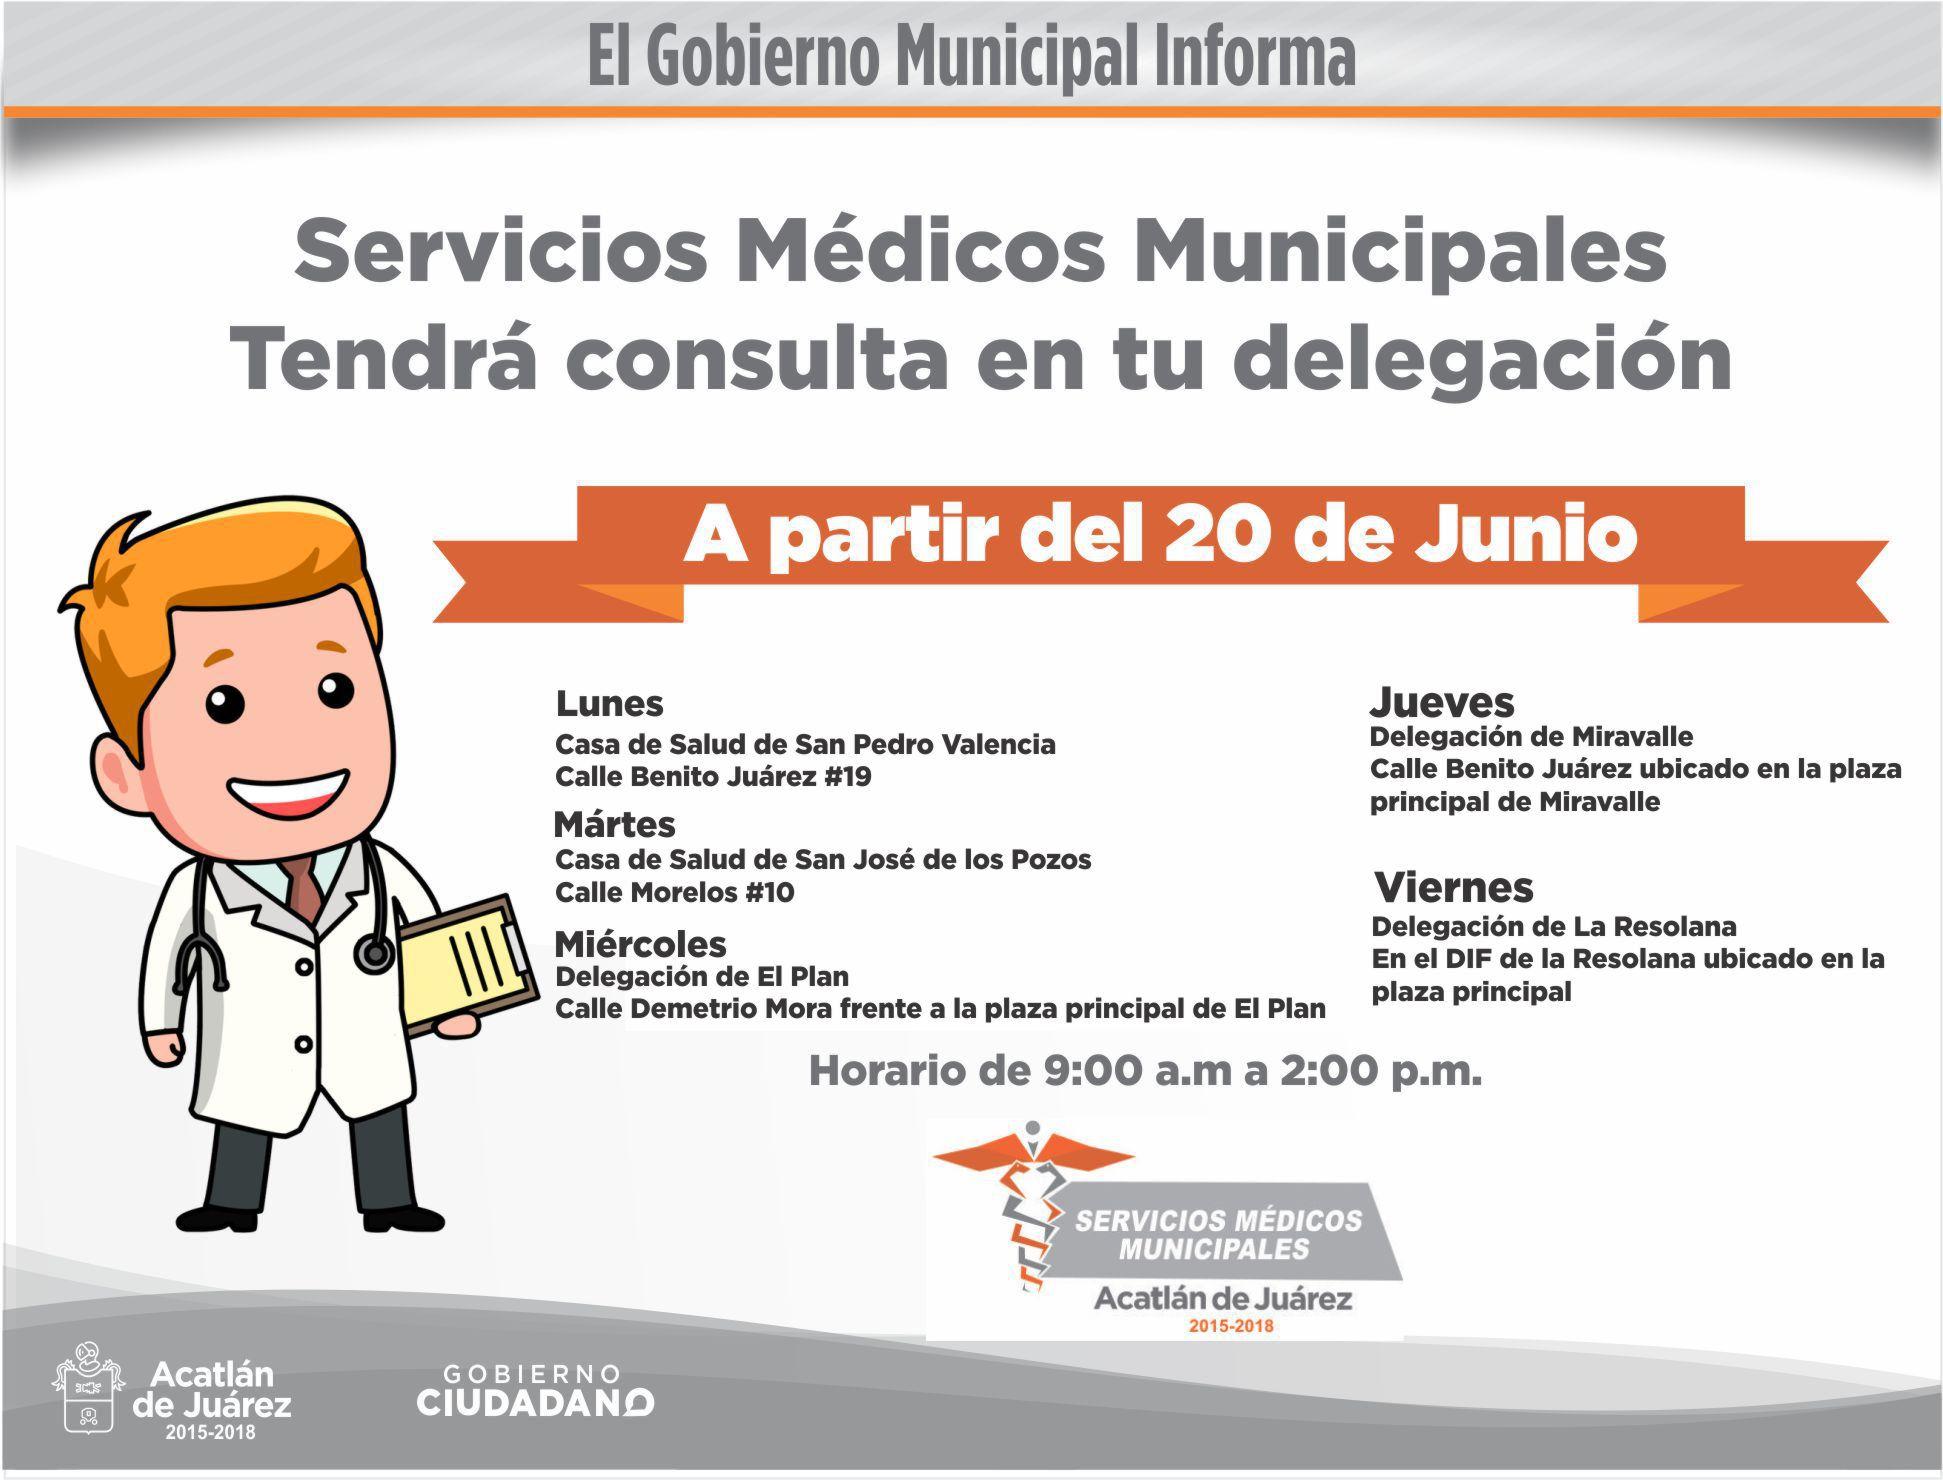 servicios-medicos-en-delegaciones-acatlan-de-juarez